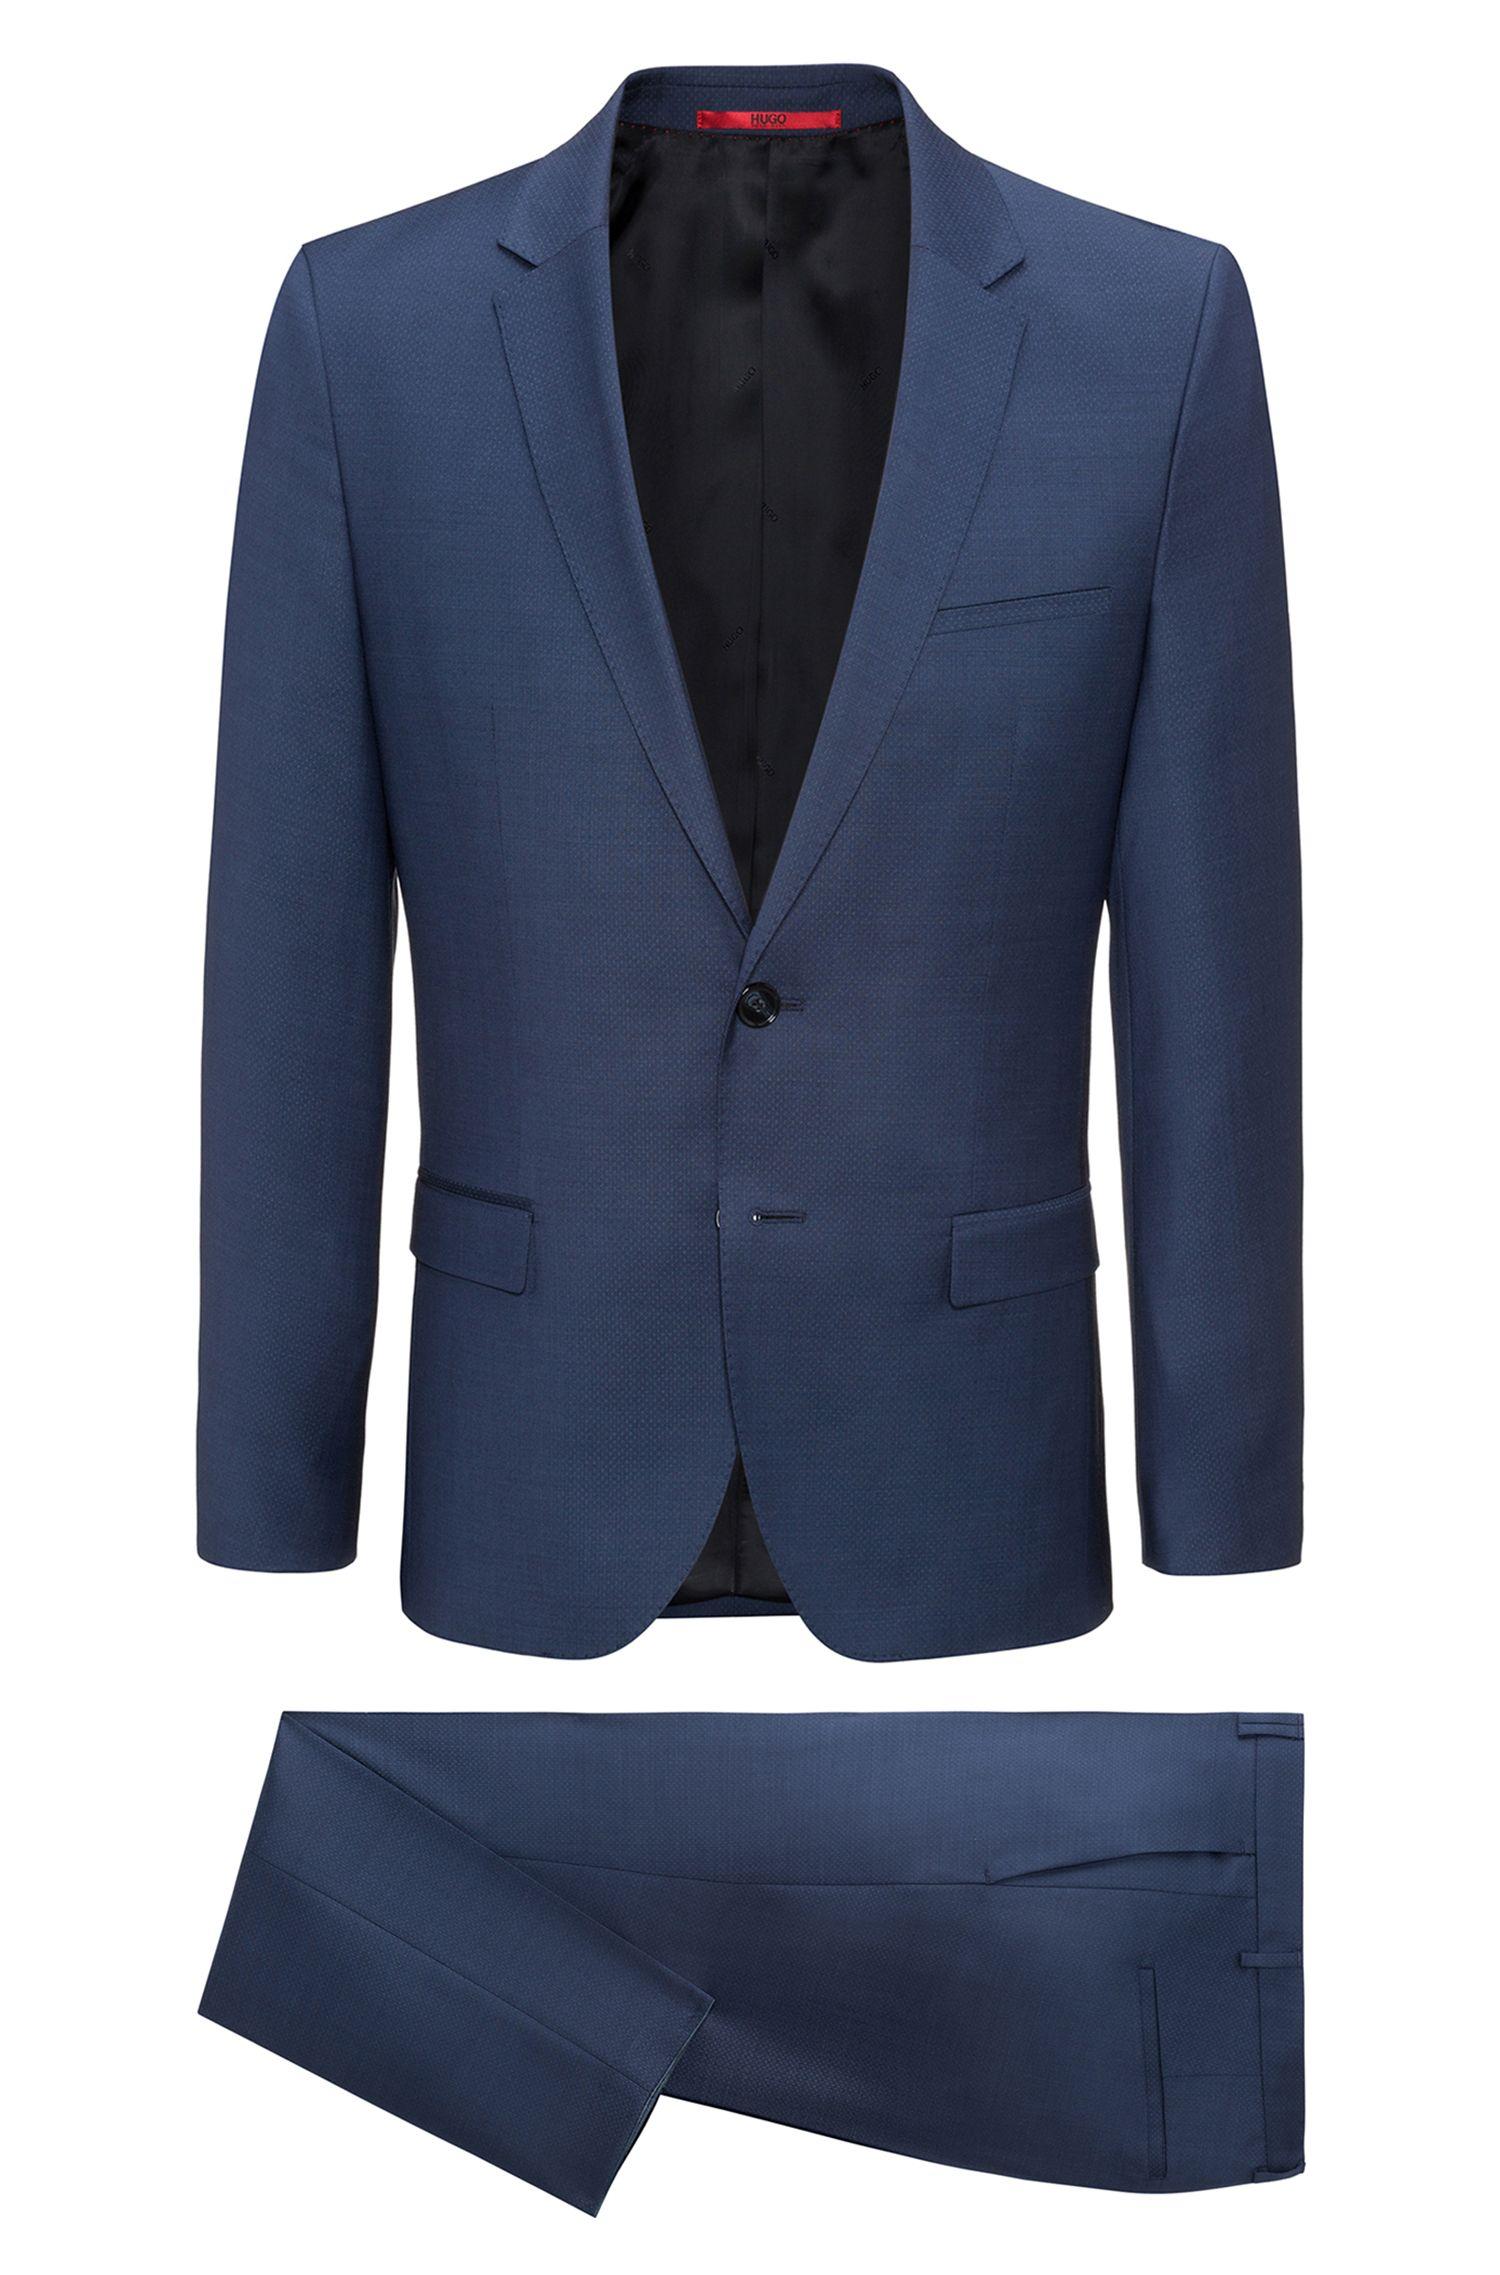 Extra-slim-fit suit in patterned virgin wool